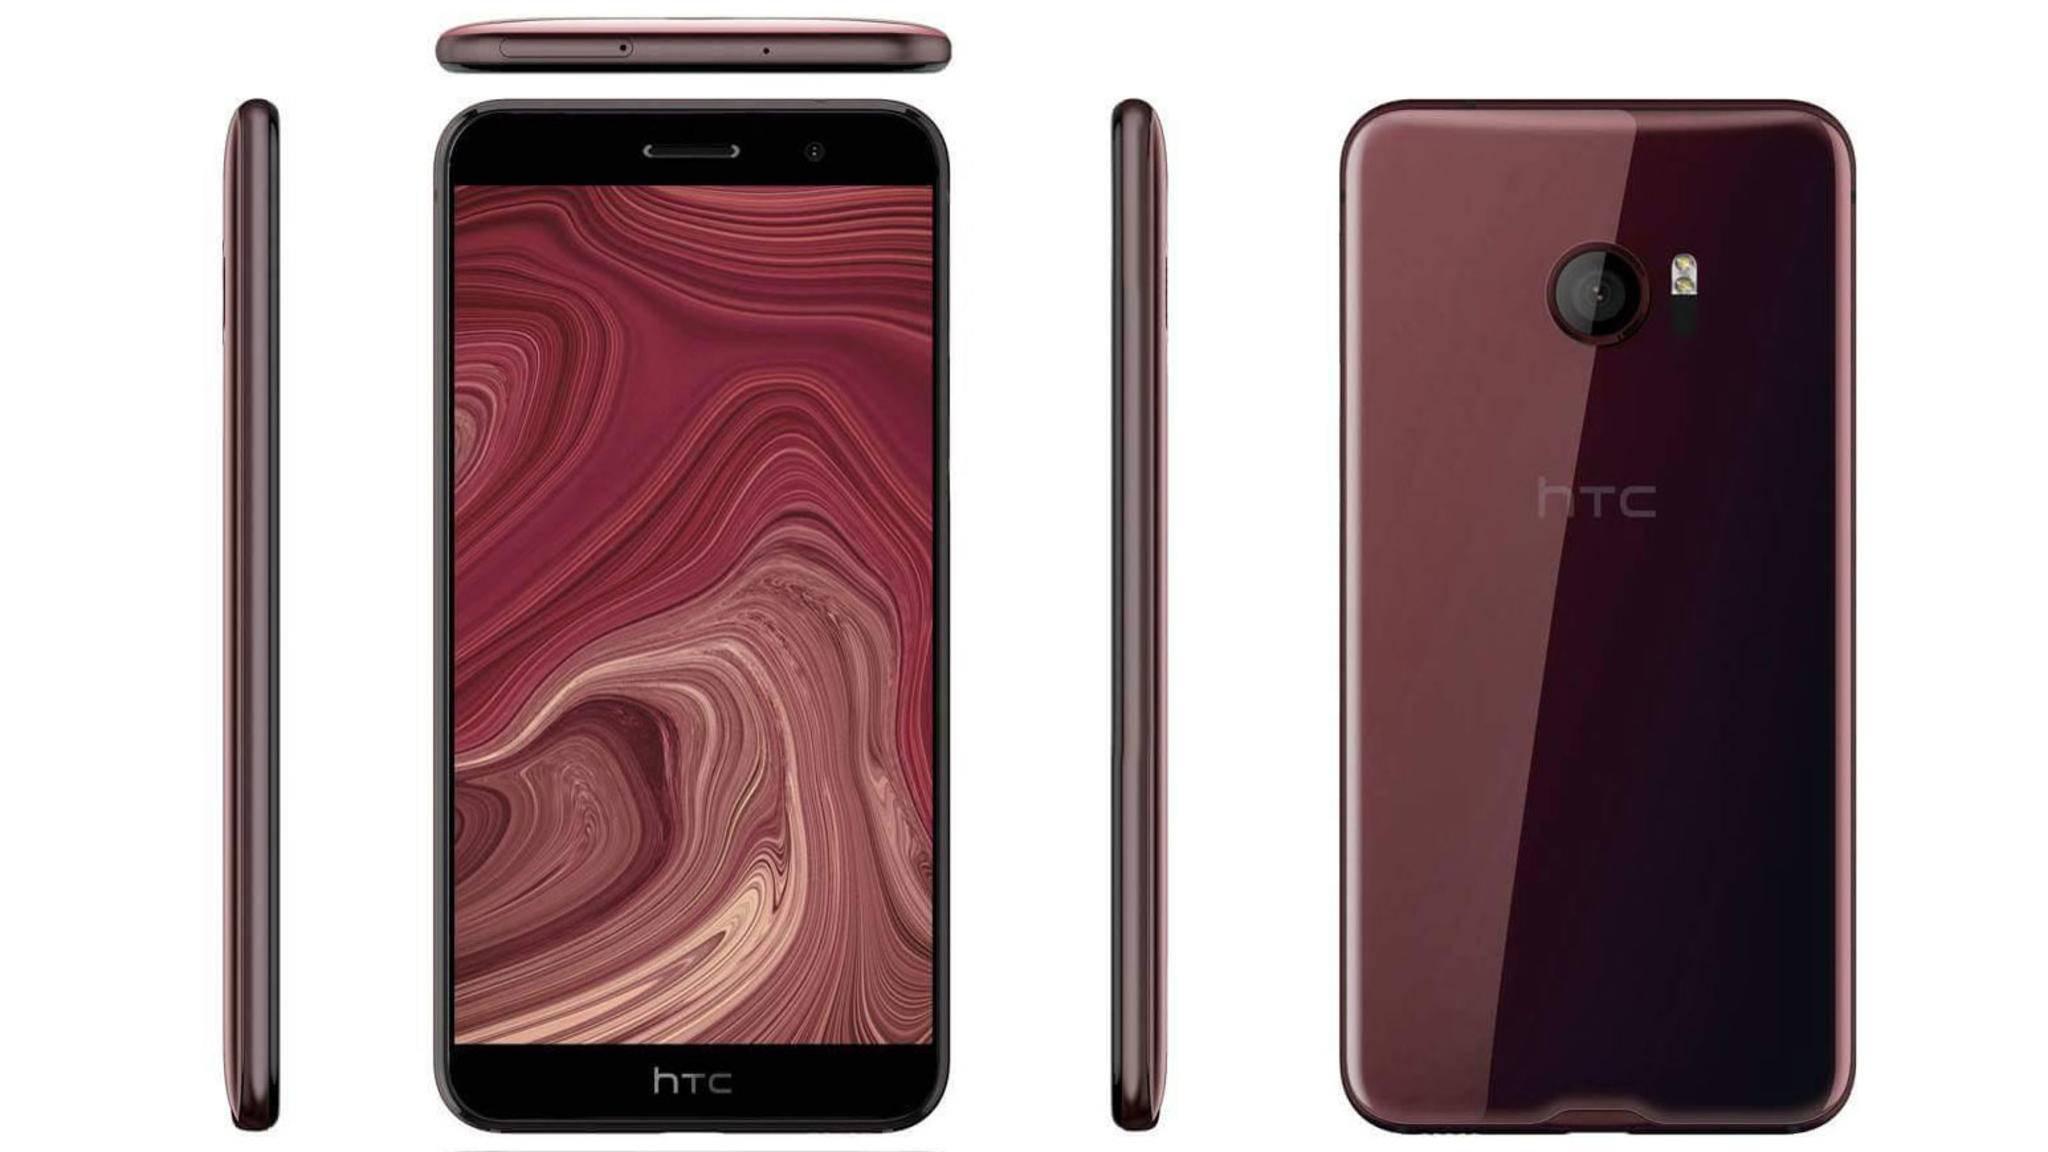 Wird man den Rahmen des HTC U Ocean einfach drücken können, um etwa die Kamera zu starten?